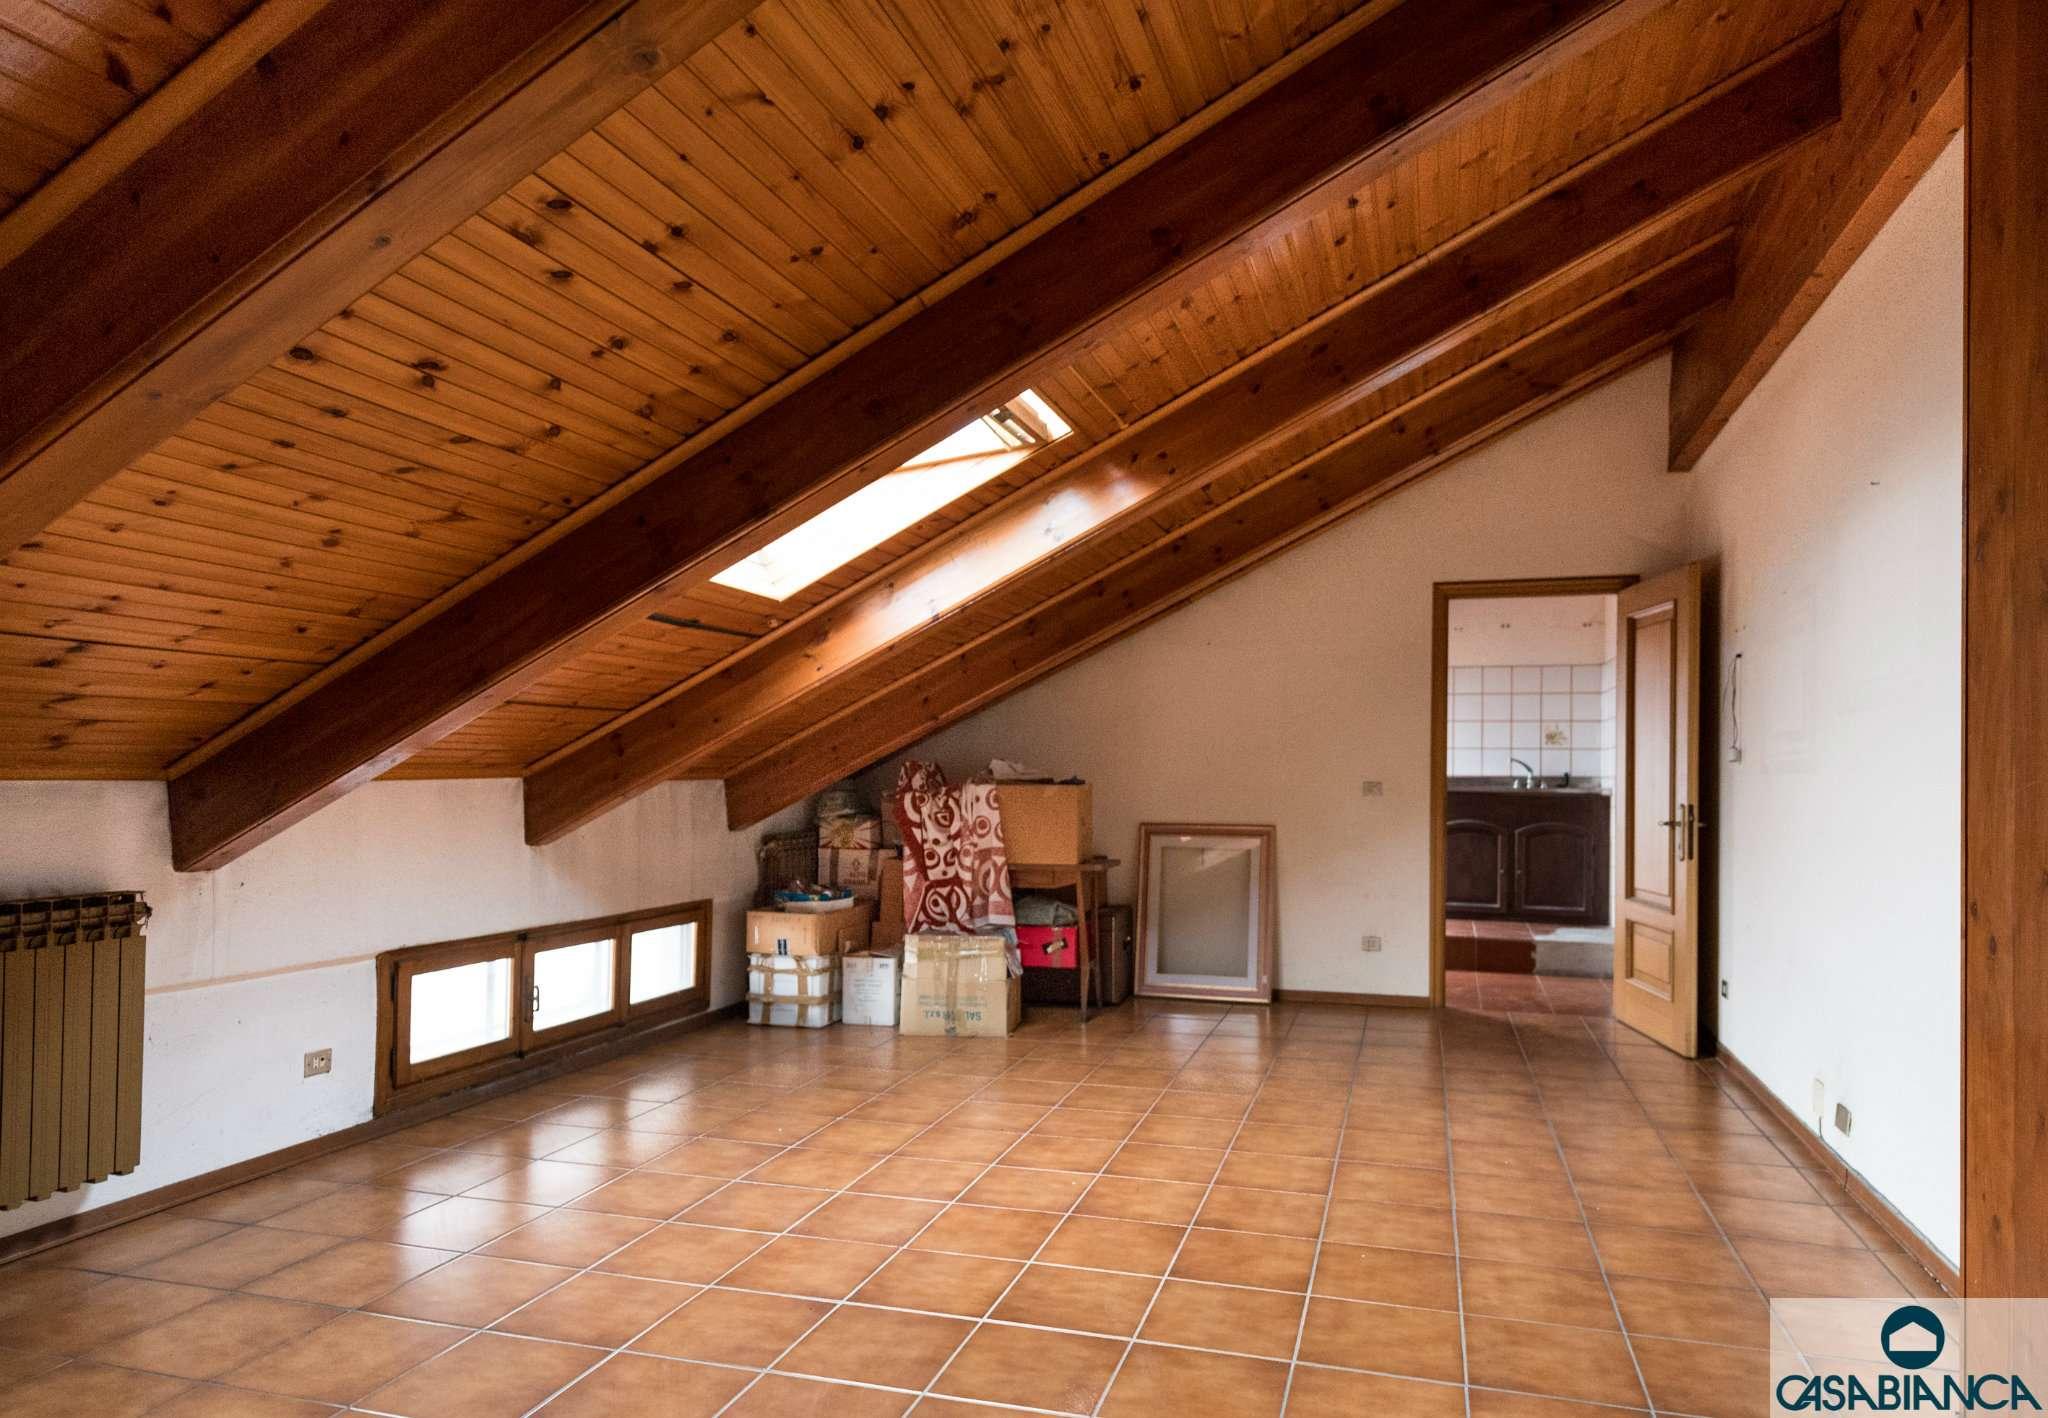 Attico / Mansarda in vendita a Torino, 9999 locali, zona Pozzo Strada, Parella, prezzo € 121.000 | PortaleAgenzieImmobiliari.it